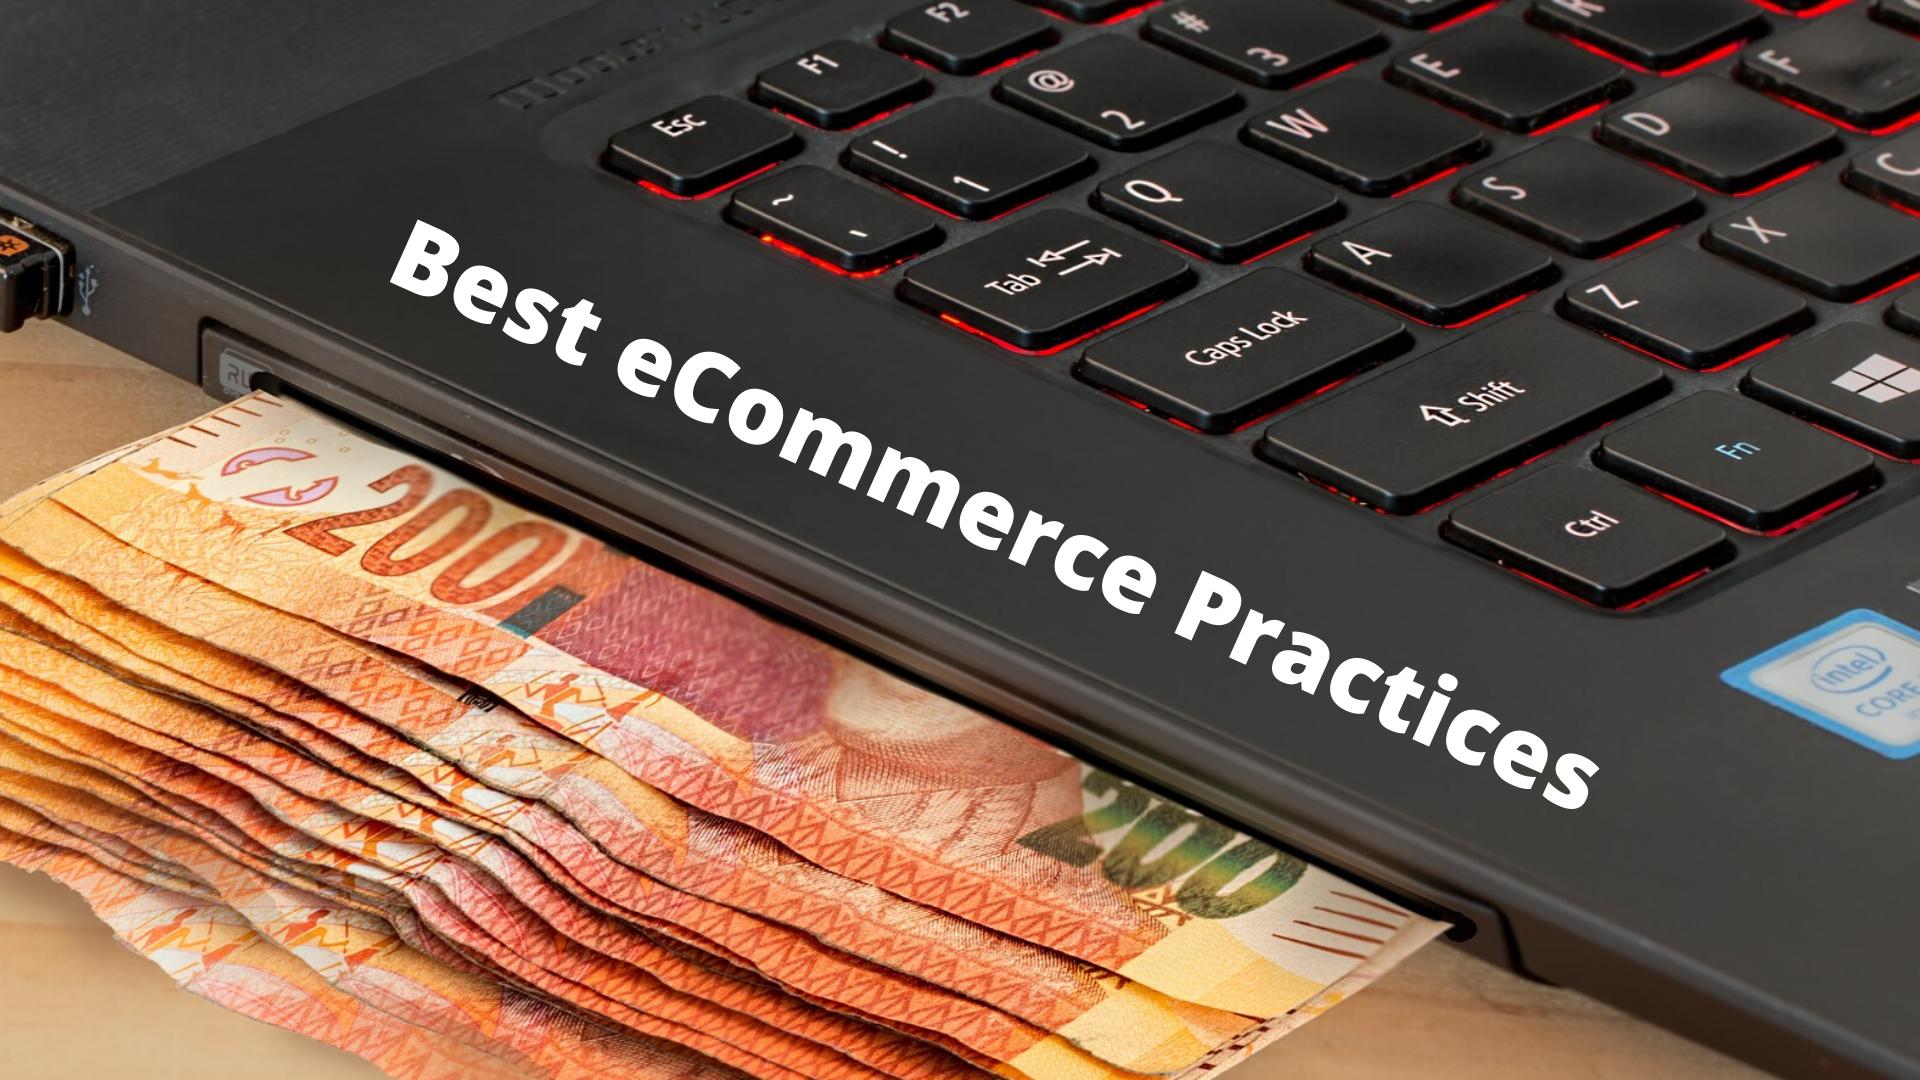 eCommerce Practices